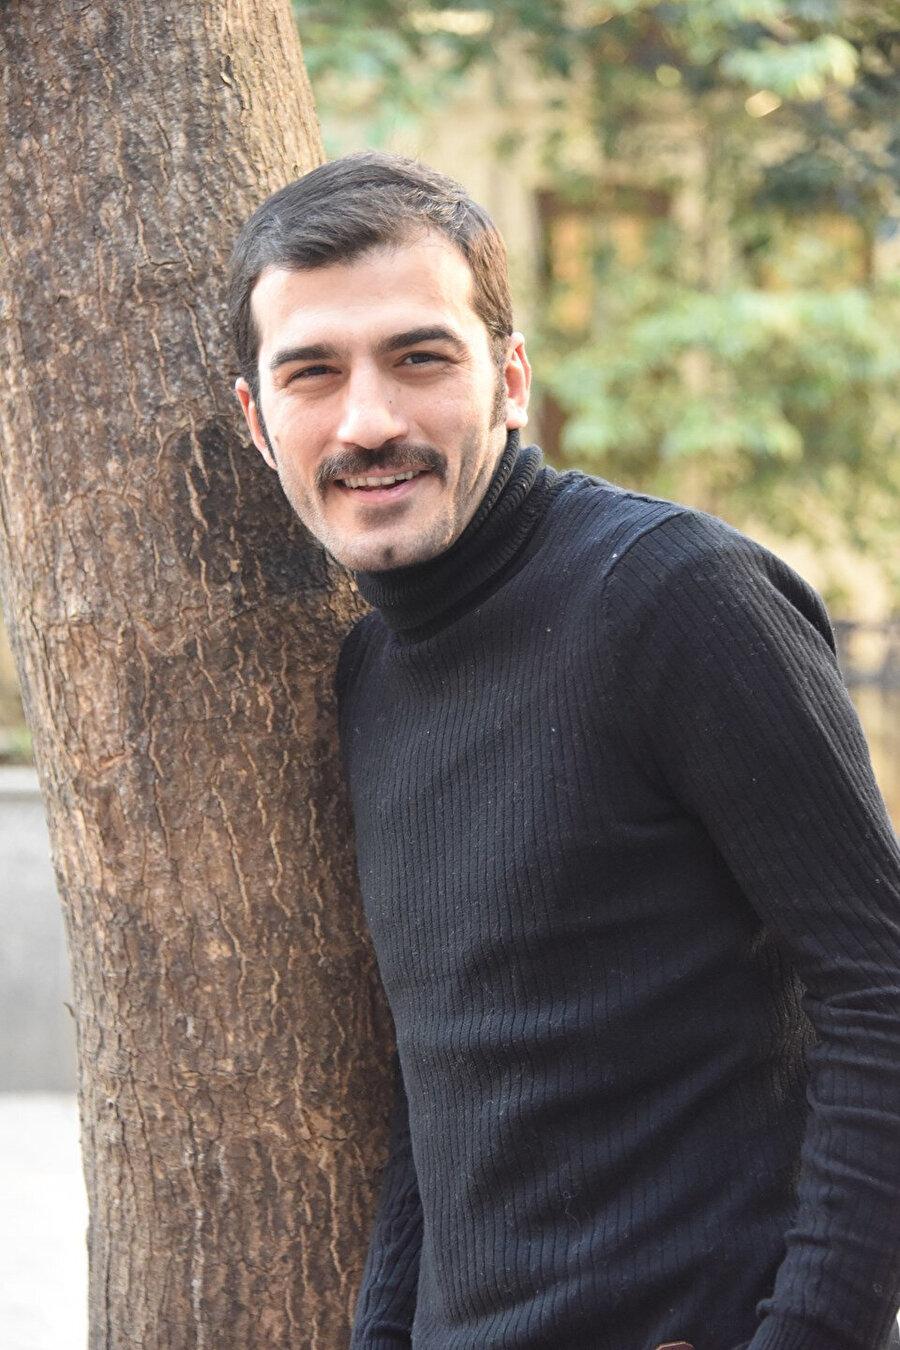 """2015 seneseinde başrolünü Hasibe Eren ve Selen Domaç ile paylaştığı """"Kümes""""adlı filmin senaryosunu yazdı ve yönetmenlik koltuğuna da yine kendisi oturdu."""